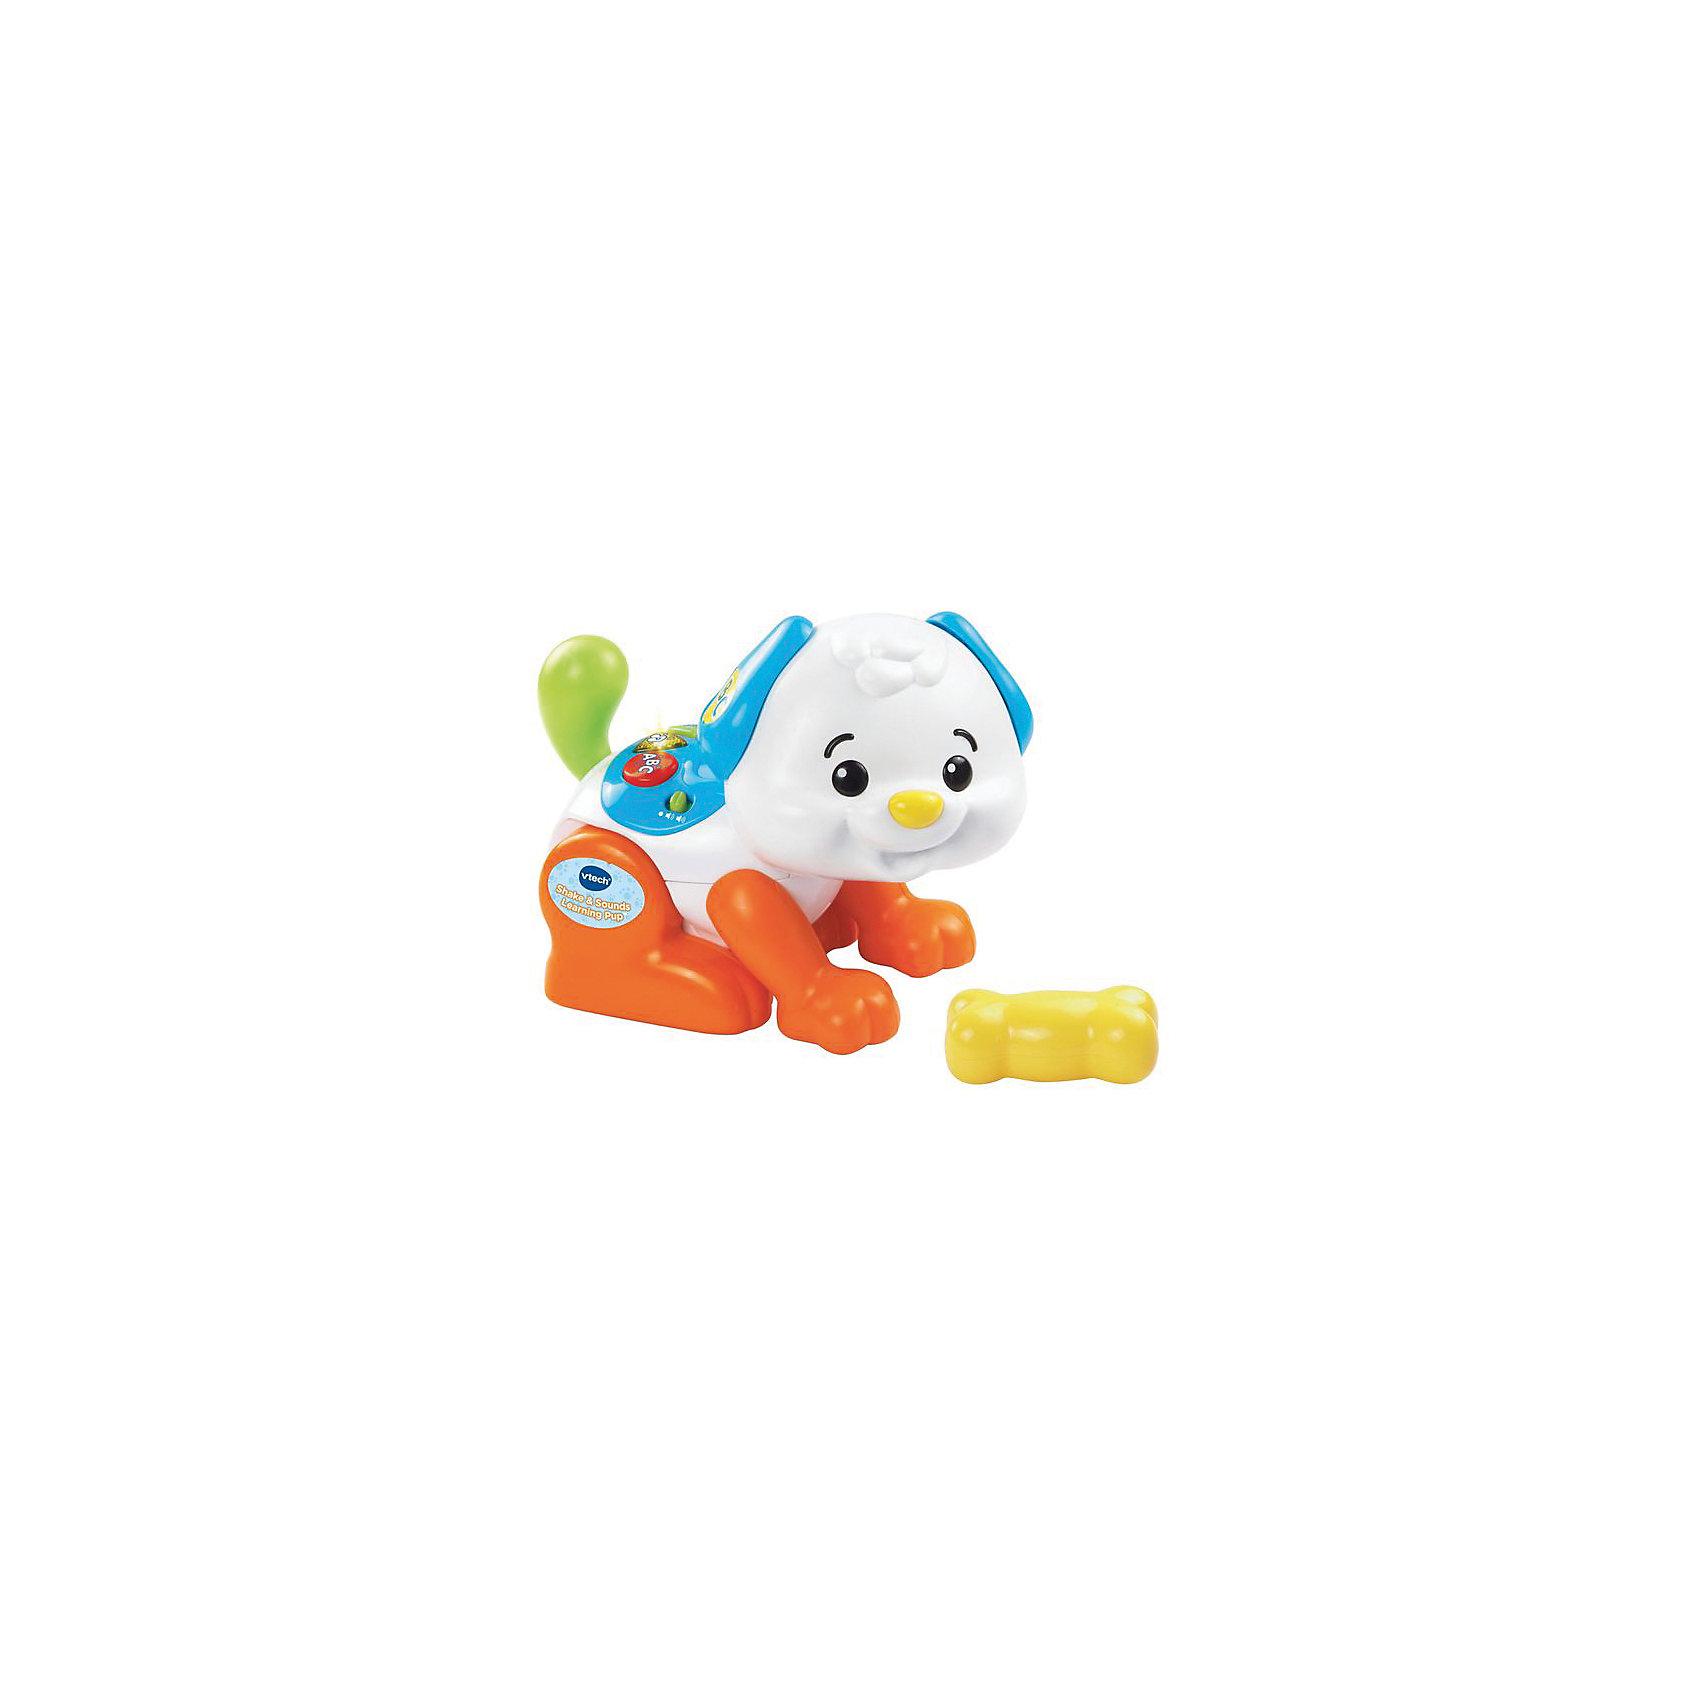 Танцубщий щенок, VtechИнтерактивные игрушки для малышей<br>Характеристики:<br><br>• Материал: пластик <br>• Комплектация: щенок, косточка<br>• Наличие музыки<br>• Игрушка выполняет различные движения<br>• 2 режима: игра и обучение<br>• Не имеет острых углов<br>• Батарейки: 4 шт. типа АА (предусмотрены в комплекте)<br>• Размер щенка (длина): 21 см, косточка – 9,5 см<br>• Размер упаковки (Д*Ш*В): 30*13*29 см<br>• Вес: 950 г<br>• Подарочная упаковка<br>• Особенности ухода: допускается сухая и влажная чистка<br><br>Танцующий щенок, Vtech – это многофункциональная интерактивная игрушка от французского производителя, который является мировым лидером по выпуску электронных обучающих устройств и игрушек. Игрушка выполнена в виде щенка. На спине у него имеются три кнопки, при нажатии на которые включаются различные режимы игры: обучение формам, цвету, счету и алфавиту. В памяти устройства записаны две детские песенки. Если щенка поманить косточкой, он может вставать на задние лапки и поворачиваться. <br><br>Танцующего щенка, Vtech можно купить в нашем интернет-магазине.<br><br>Ширина мм: 300<br>Глубина мм: 279<br>Высота мм: 133<br>Вес г: 1550<br>Возраст от месяцев: 12<br>Возраст до месяцев: 36<br>Пол: Унисекс<br>Возраст: Детский<br>SKU: 5471071